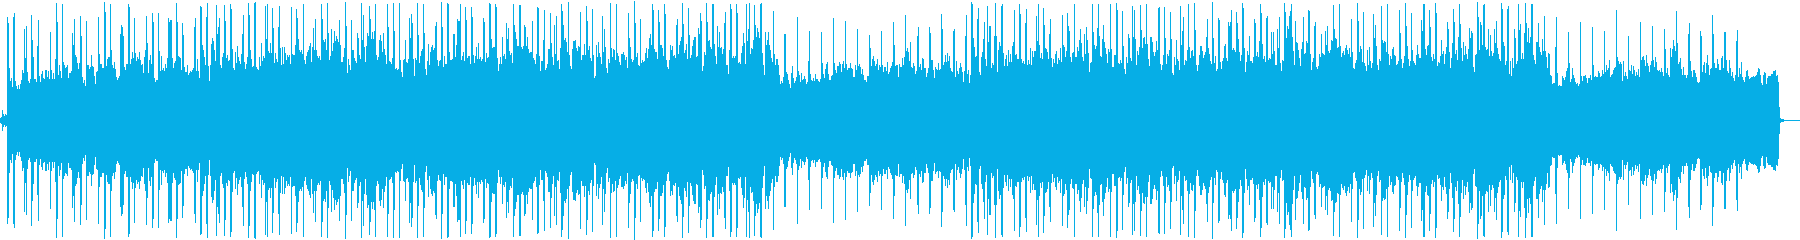 カフェ・ラジオ お洒落なローファイジャズの再生済みの波形